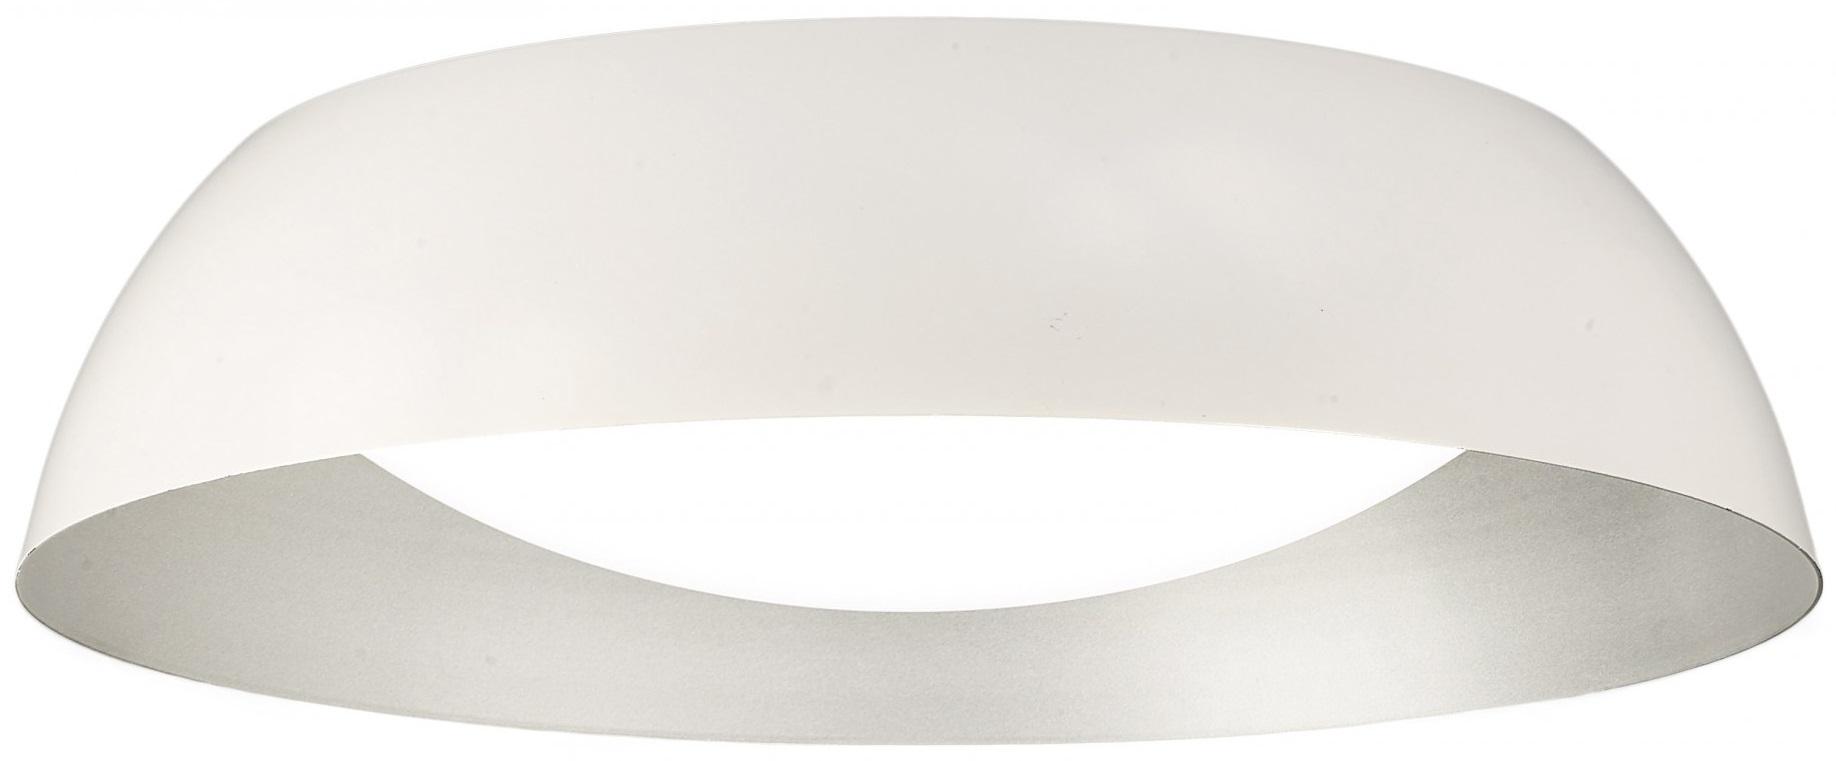 Потолочный светильник Mantra Argenta 4847 фото